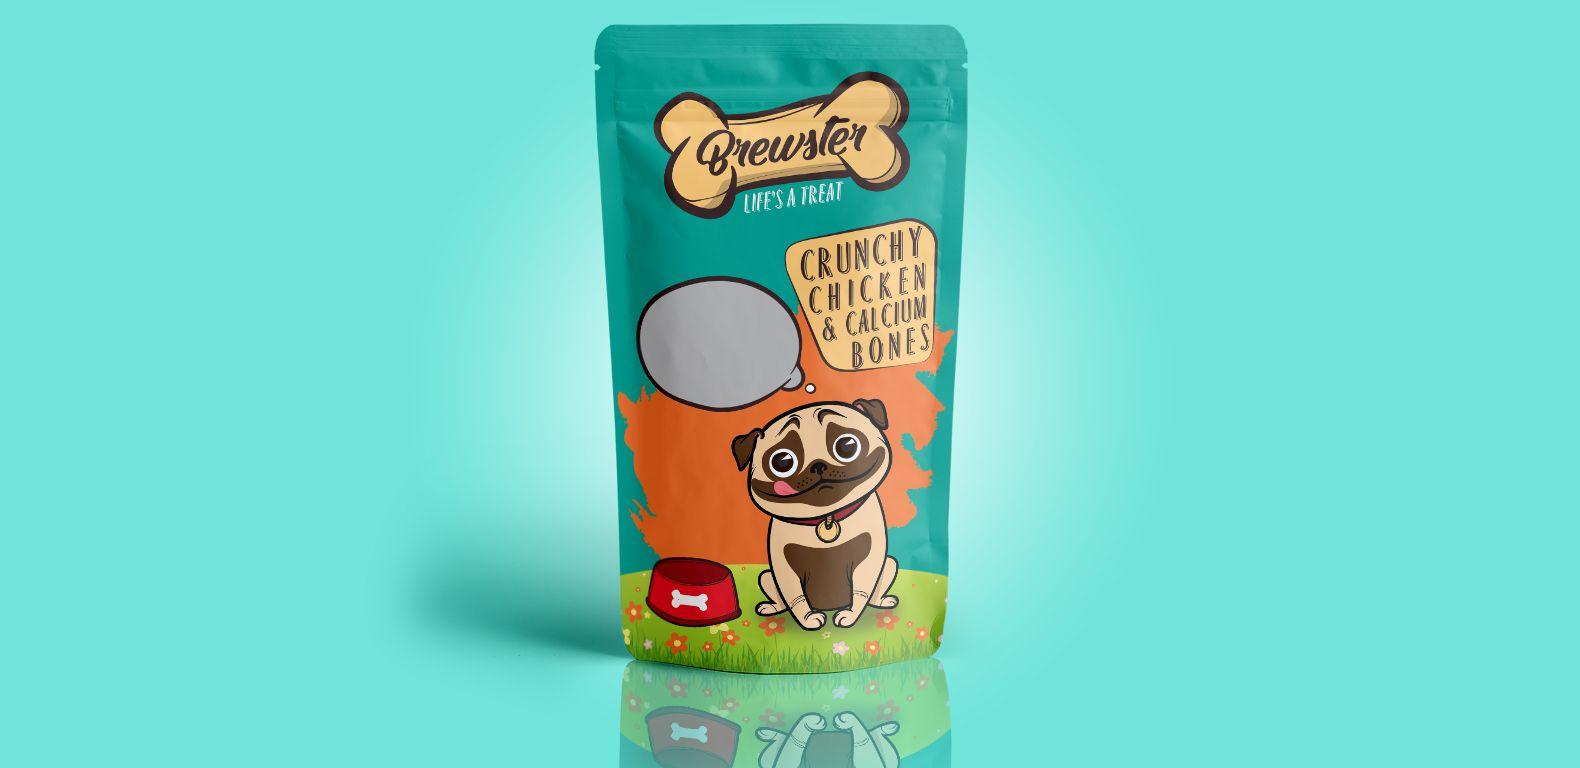 Packaging-Design-Brewster-pet-food-front-